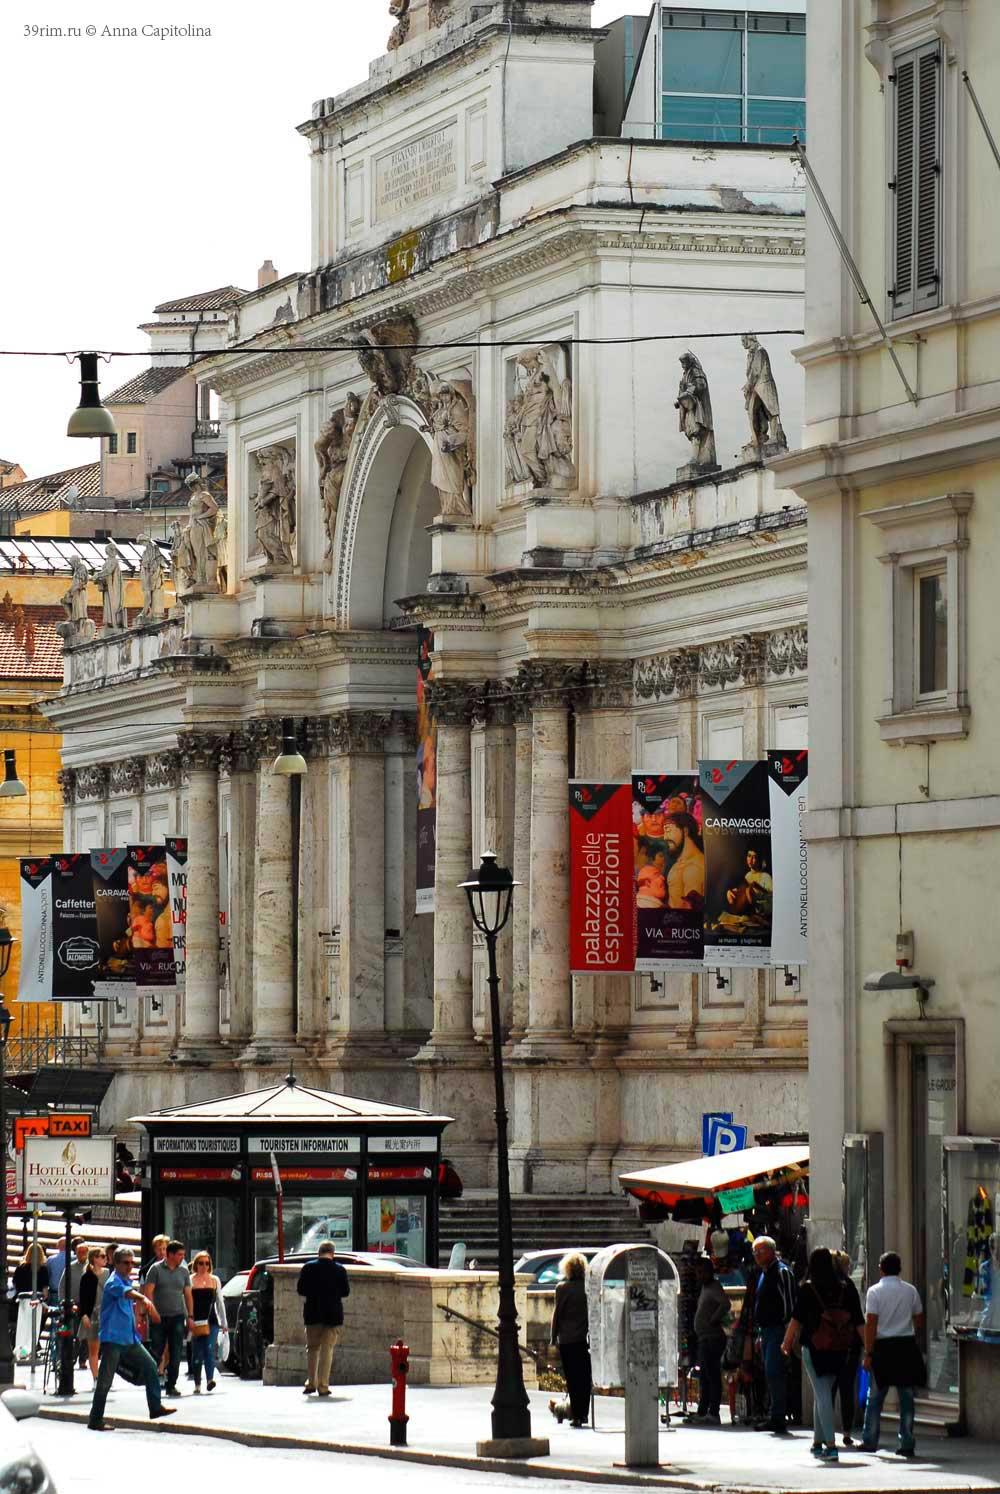 красивые фото рима достопримечательности рима Palazzo delle Esposizioni пешком за один день виа национале национальная улица рим архитектура вечный город улицы здания